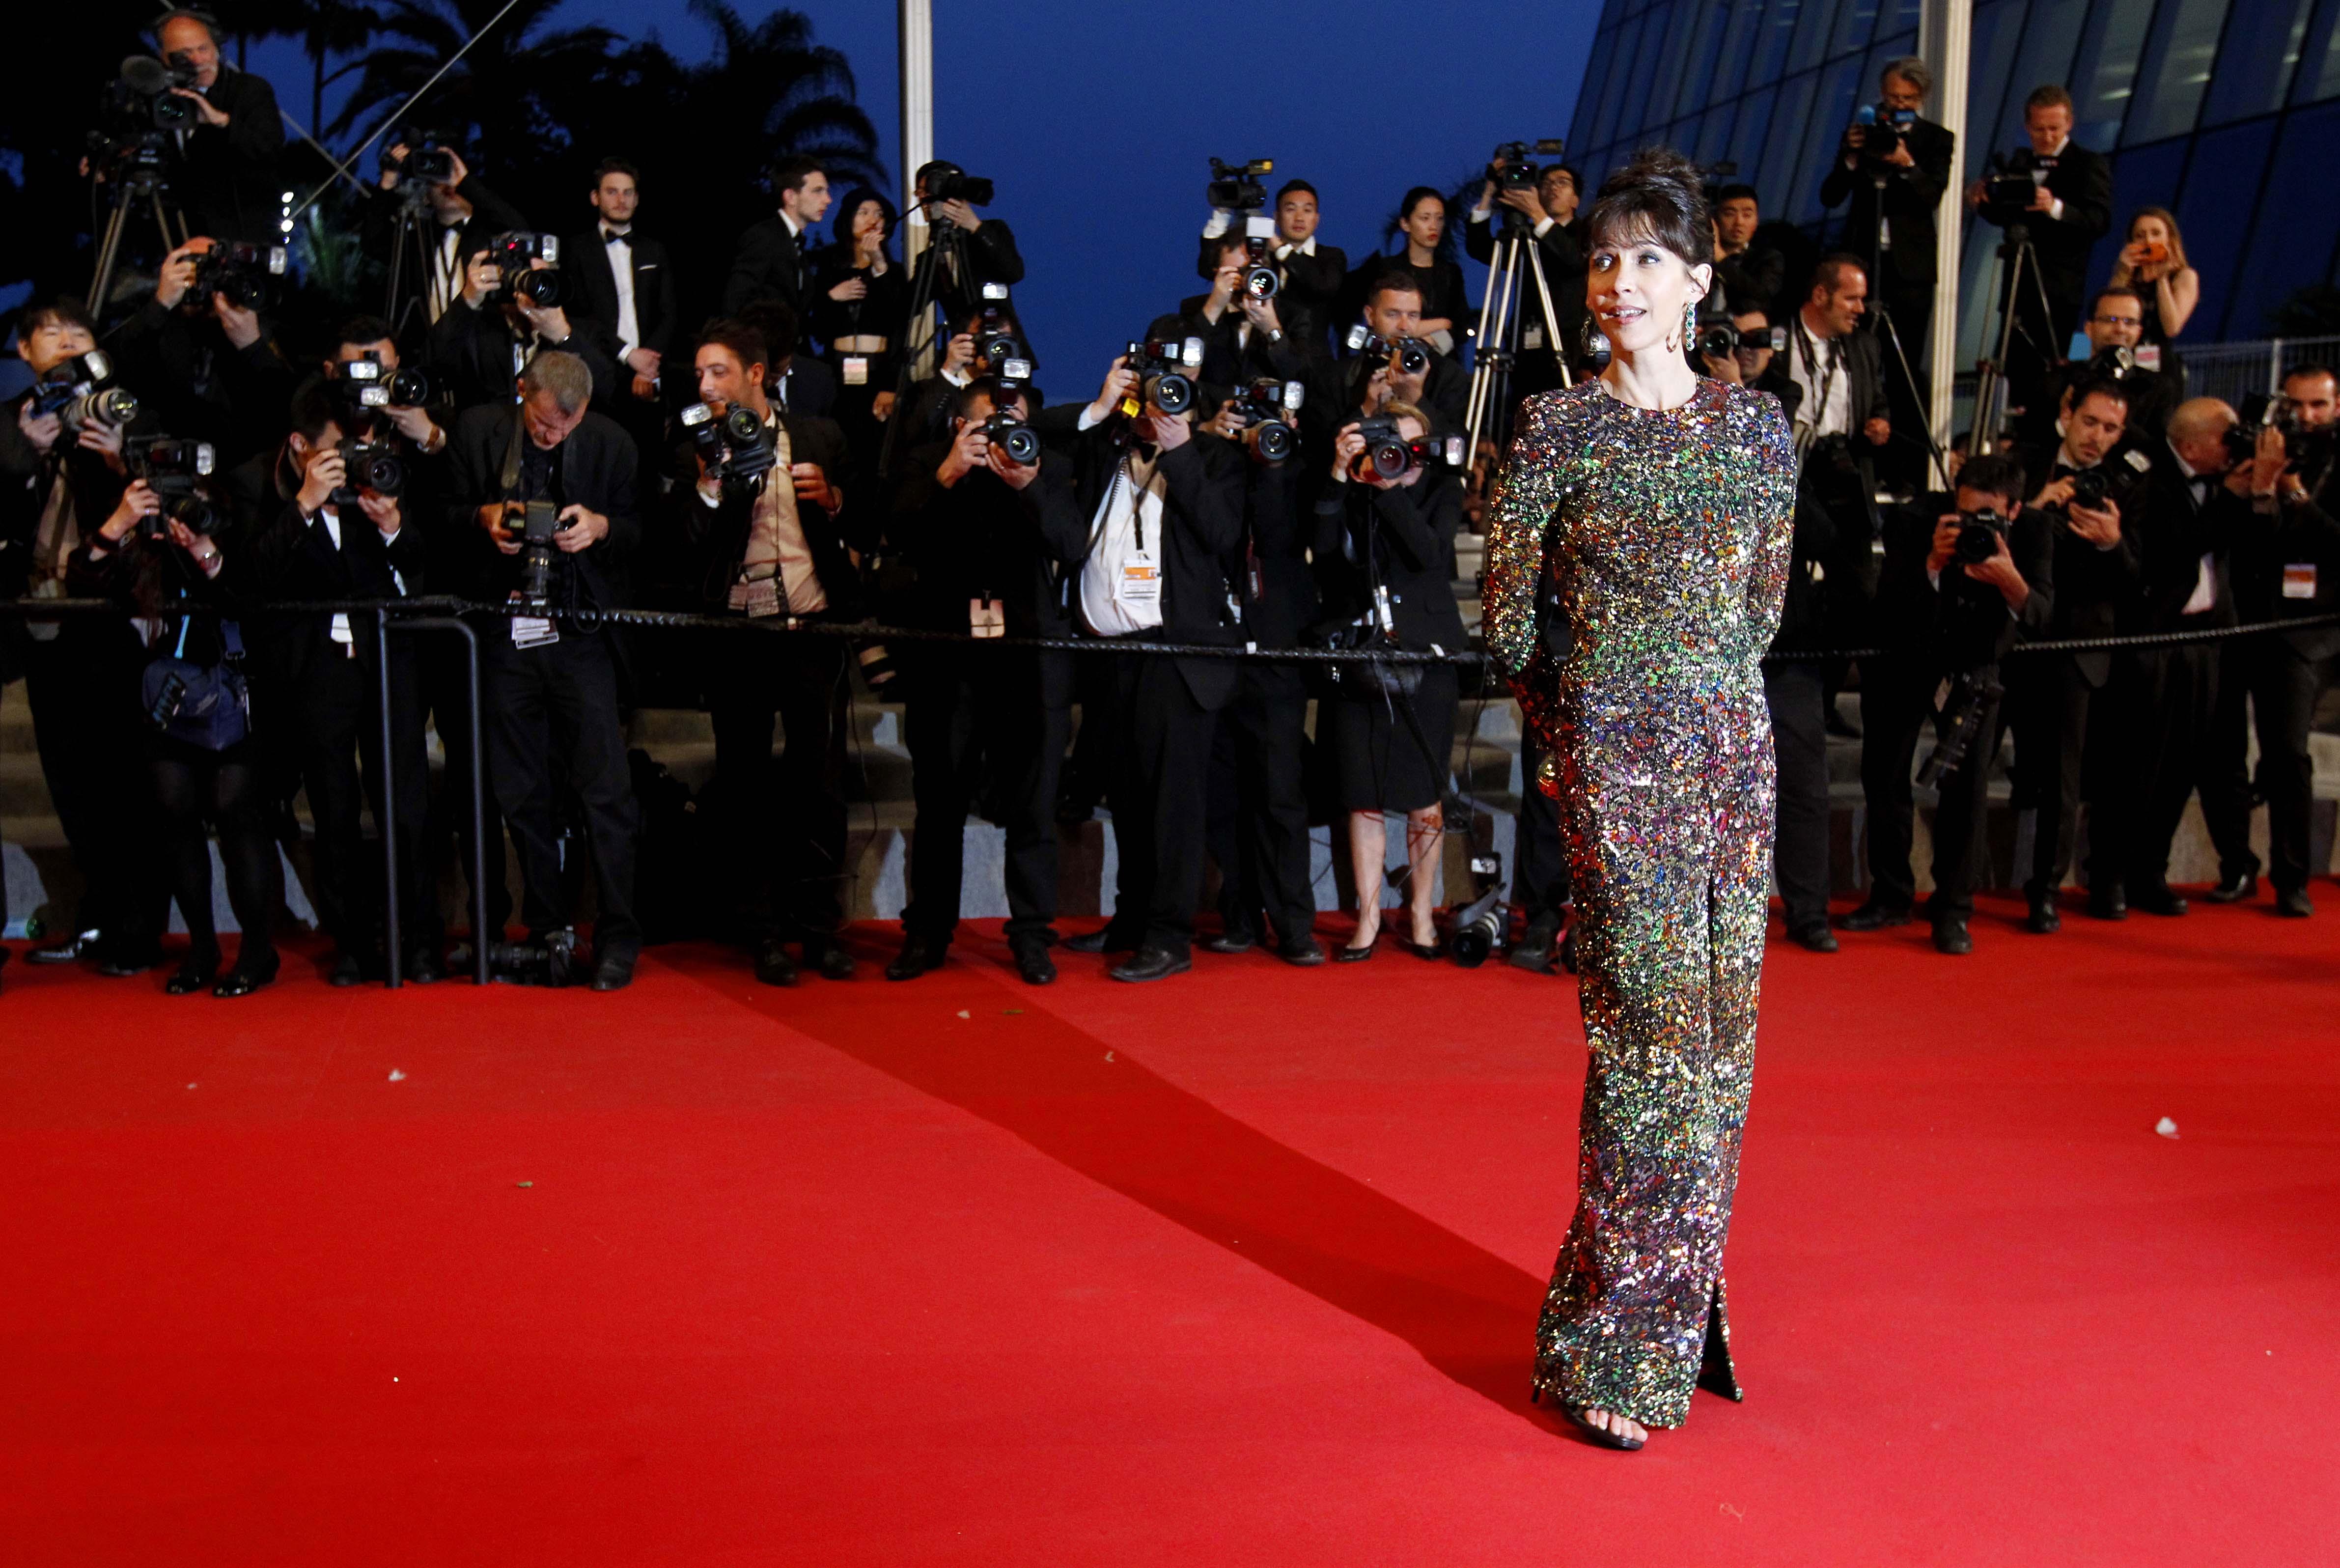 当日,戛纳电影贾樟柯的故人《新作导演》在中国电影节首映.秒播宅男午夜伦理山河图片